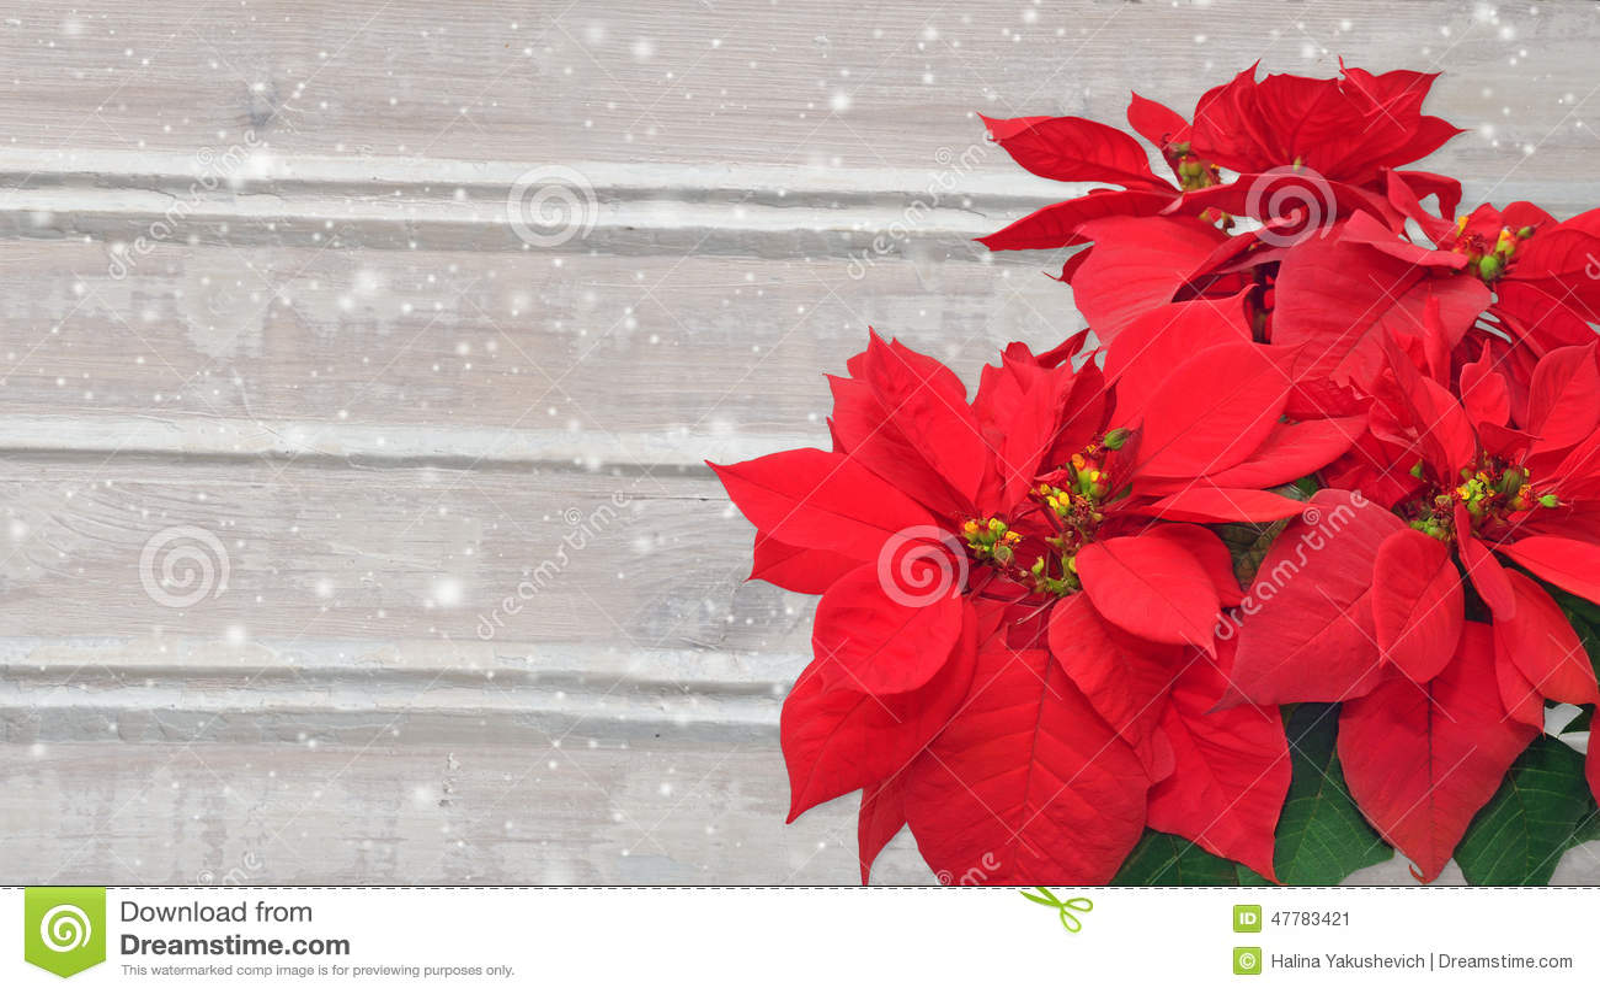 Stella Di Natale Legno.Stella Di Natale E Neve Fiore Di Natale Su Fondo Di Legno Immagine